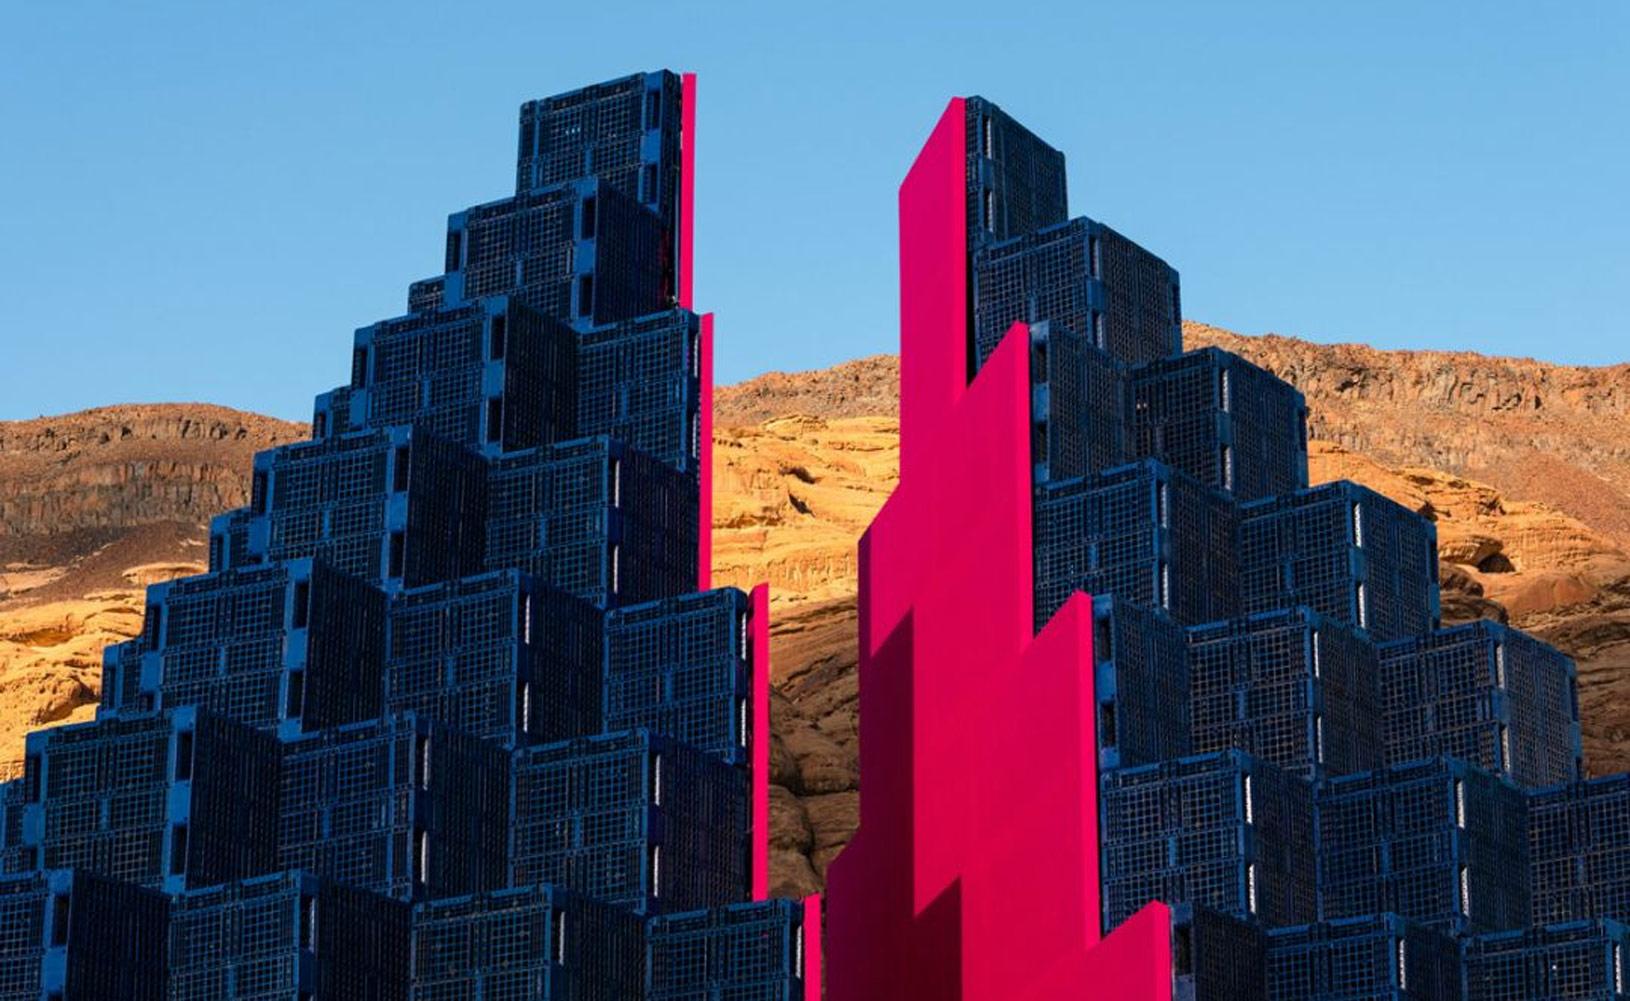 沙漠里辦的藝術展,不毛之地秒變打卡地標